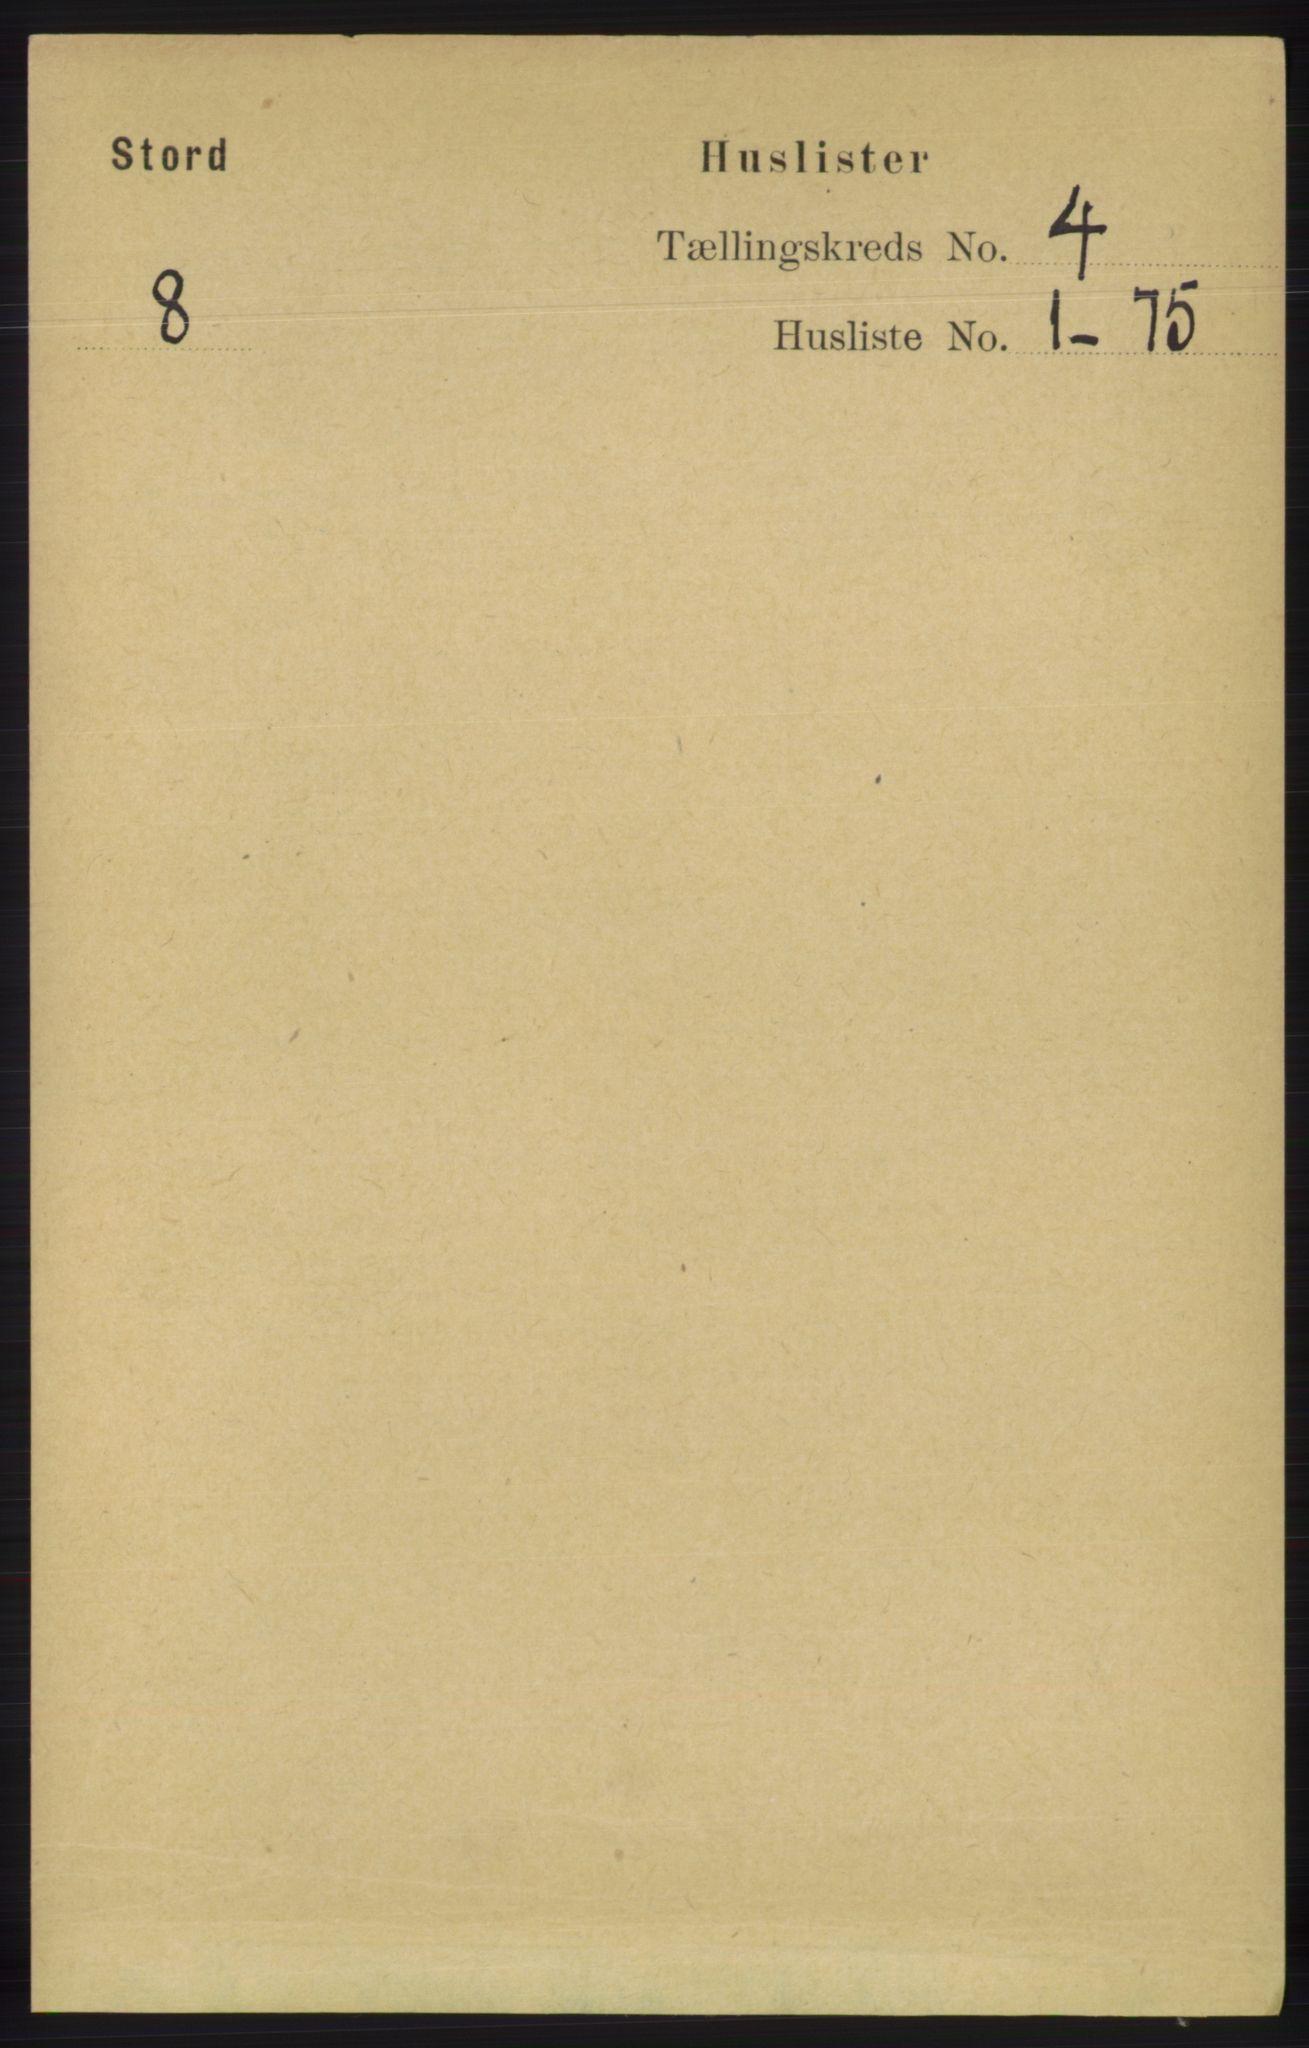 RA, Folketelling 1891 for 1221 Stord herred, 1891, s. 957